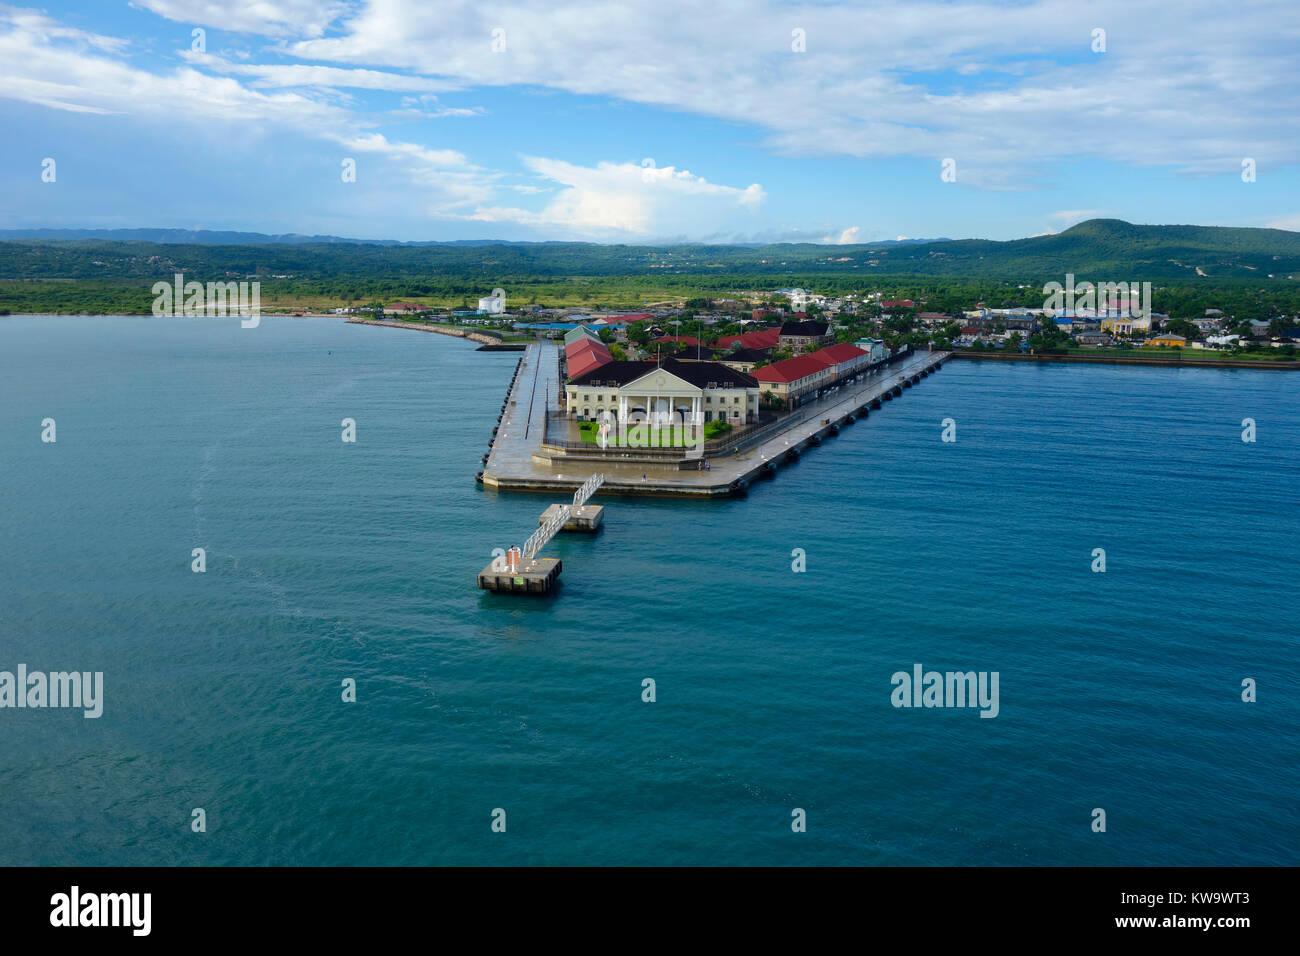 Falmouth Cruise Port, Falmouth, Jamaica. - Stock Image